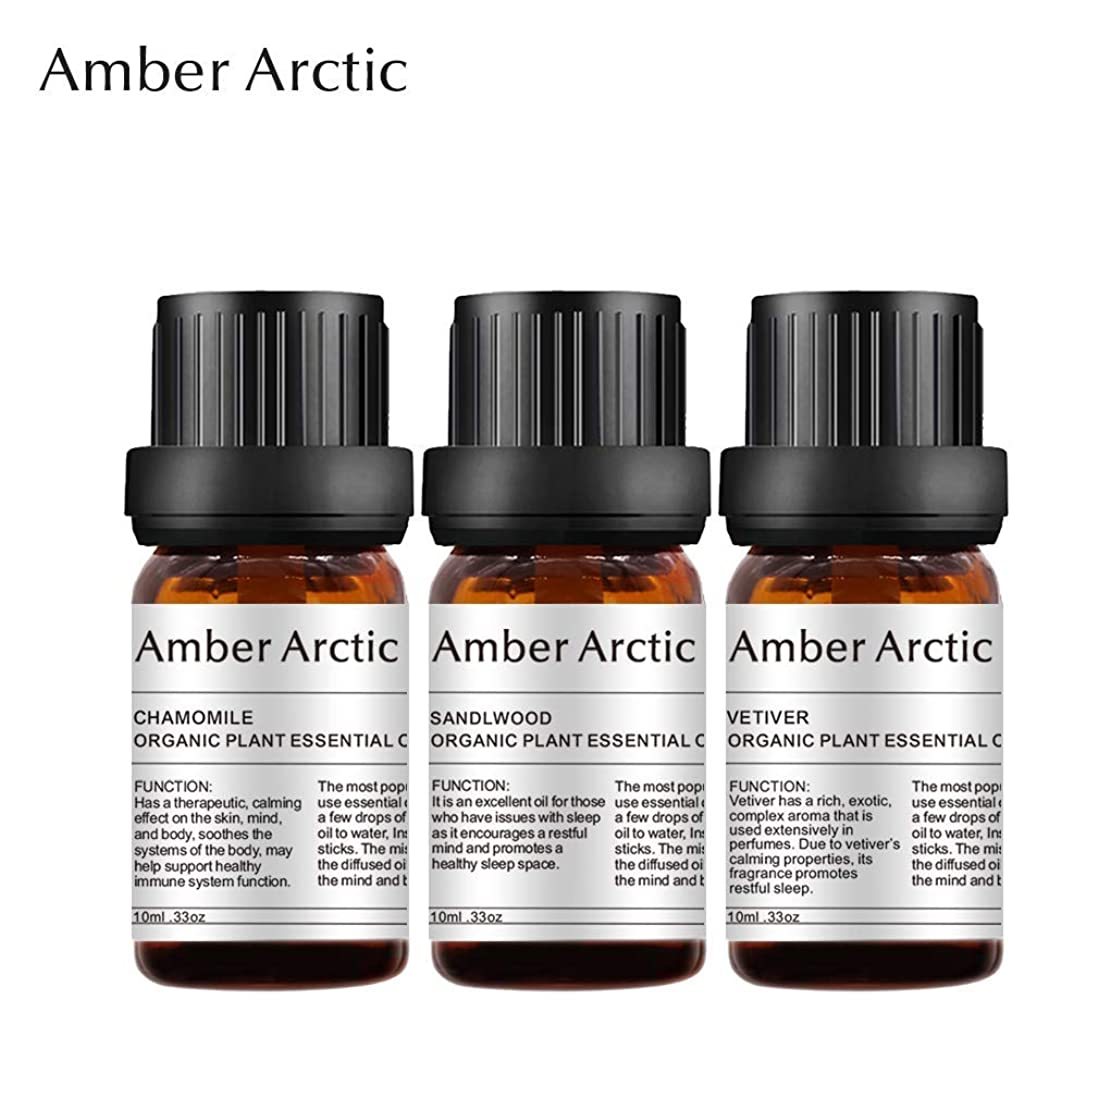 ヒゲクジラウィスキーおなじみのAmber Arctic ジャスミン サンダル ウッド カモミール 精油 セット、 ディフューザー - 3×10 ミリリットル 用 100% 純粋 天然 アロマ エッセンシャル オイル